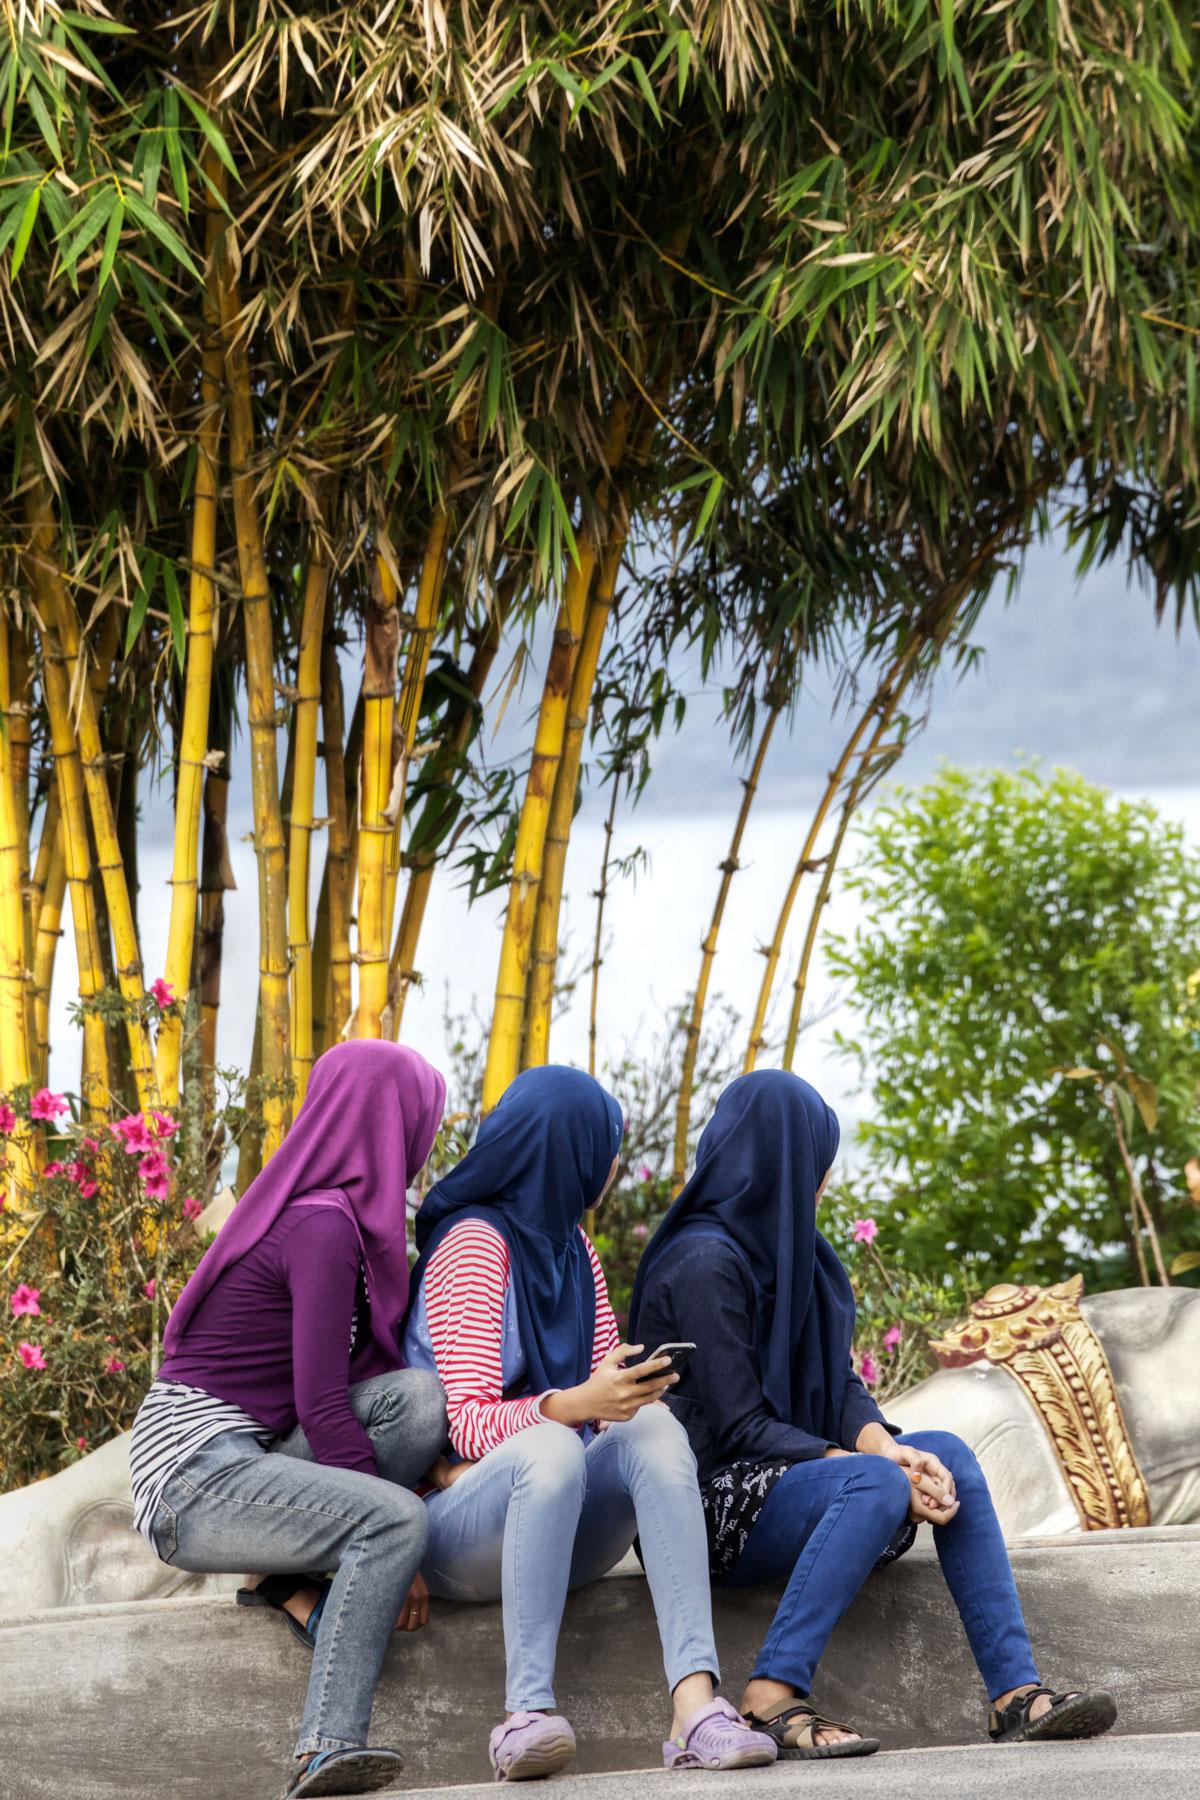 indonesia_005_SP